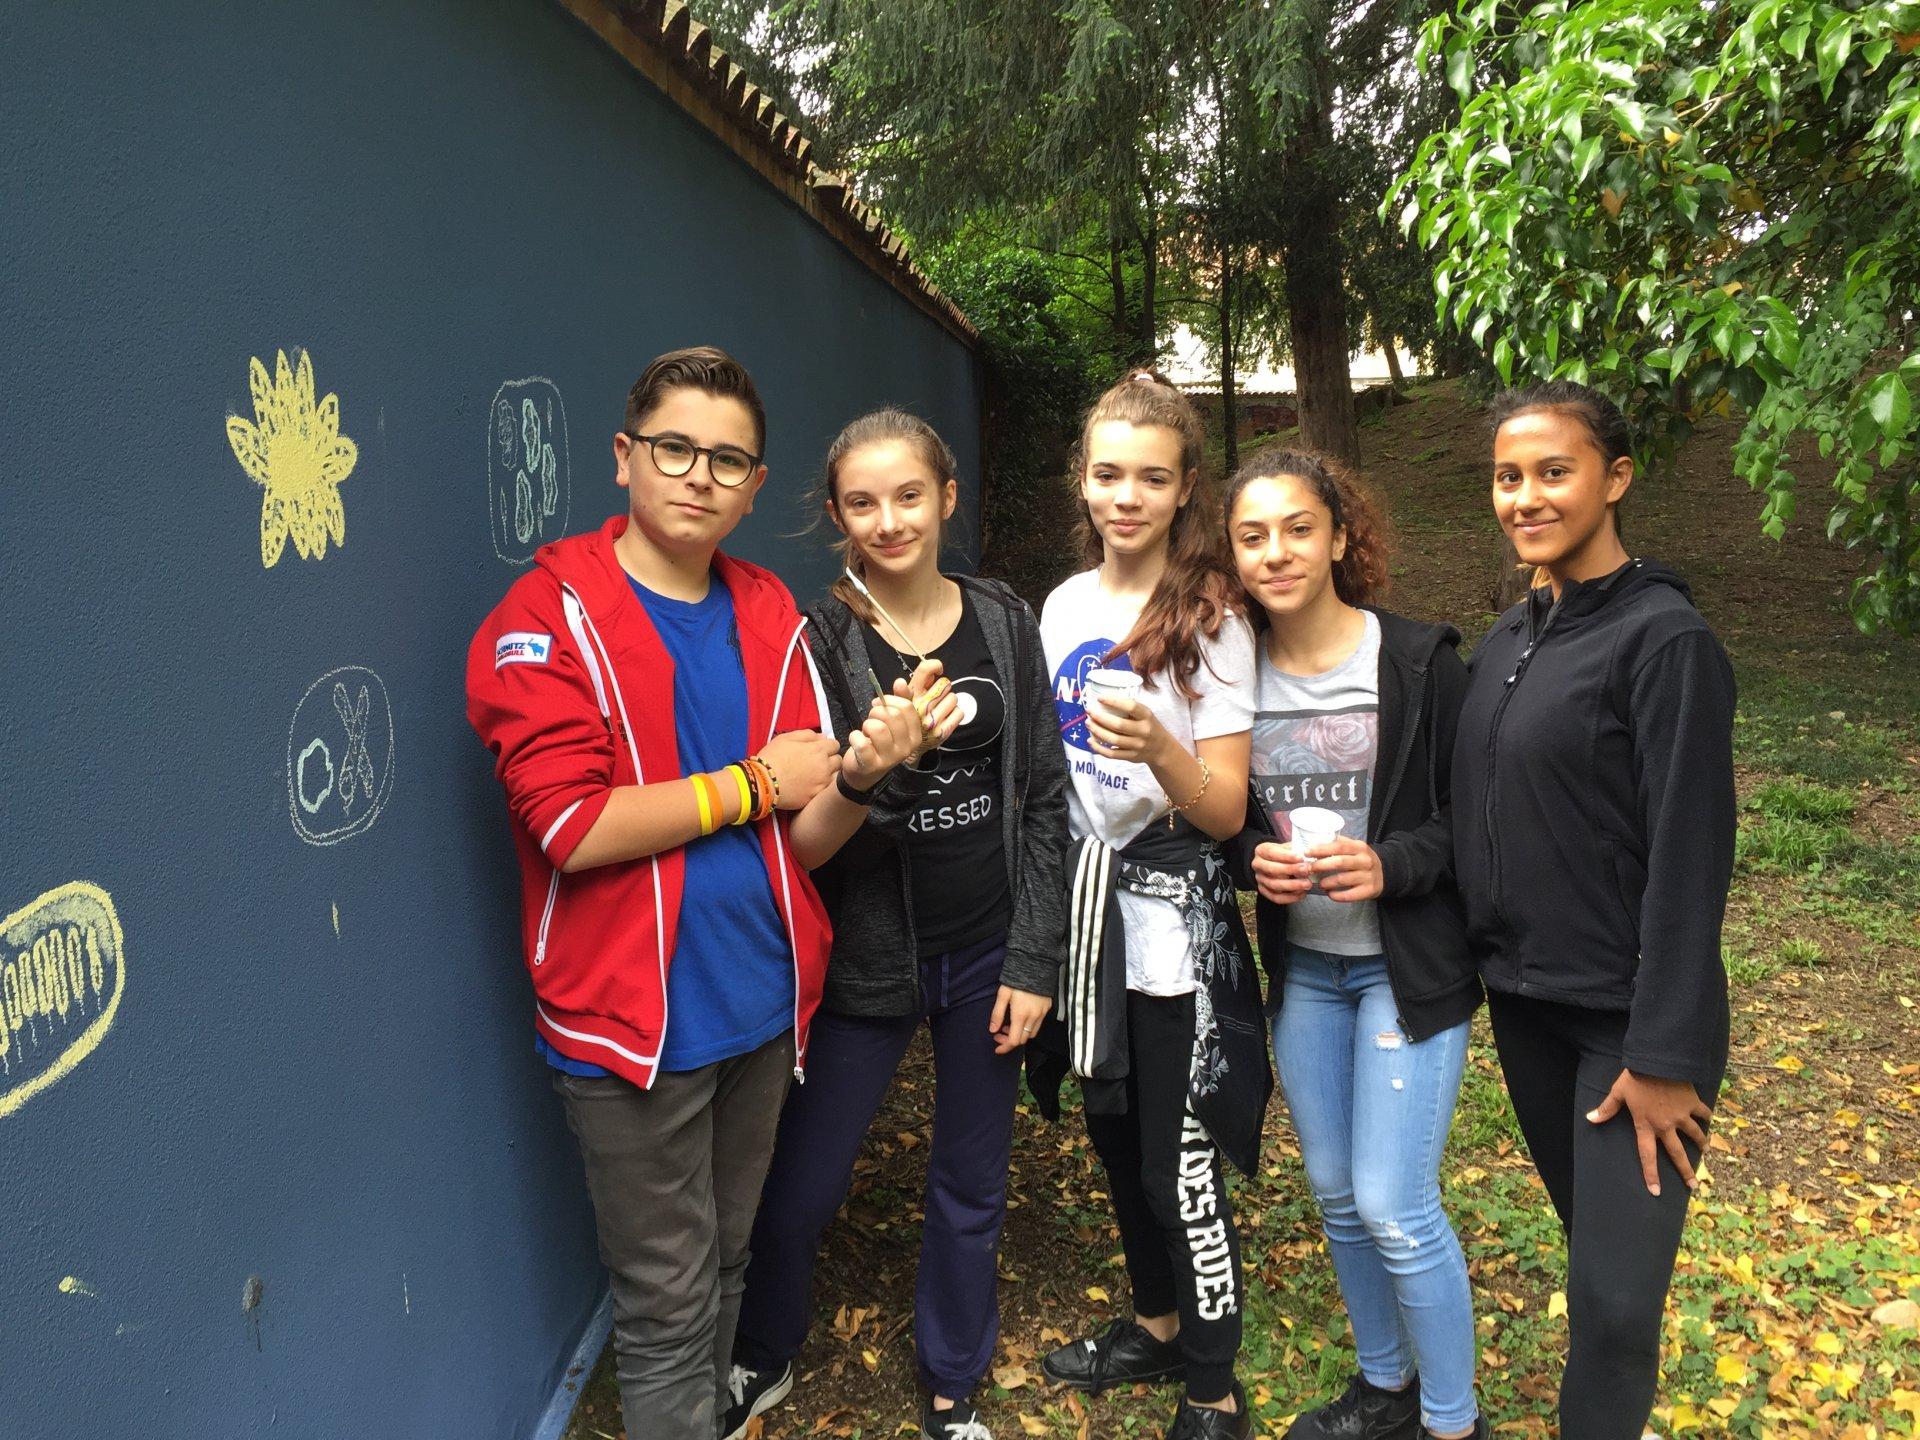 Brugherio nel parco di Villa Fiorita murale dipinto dai ragazzi delle scuole medie del territorio simbolo di integrazione